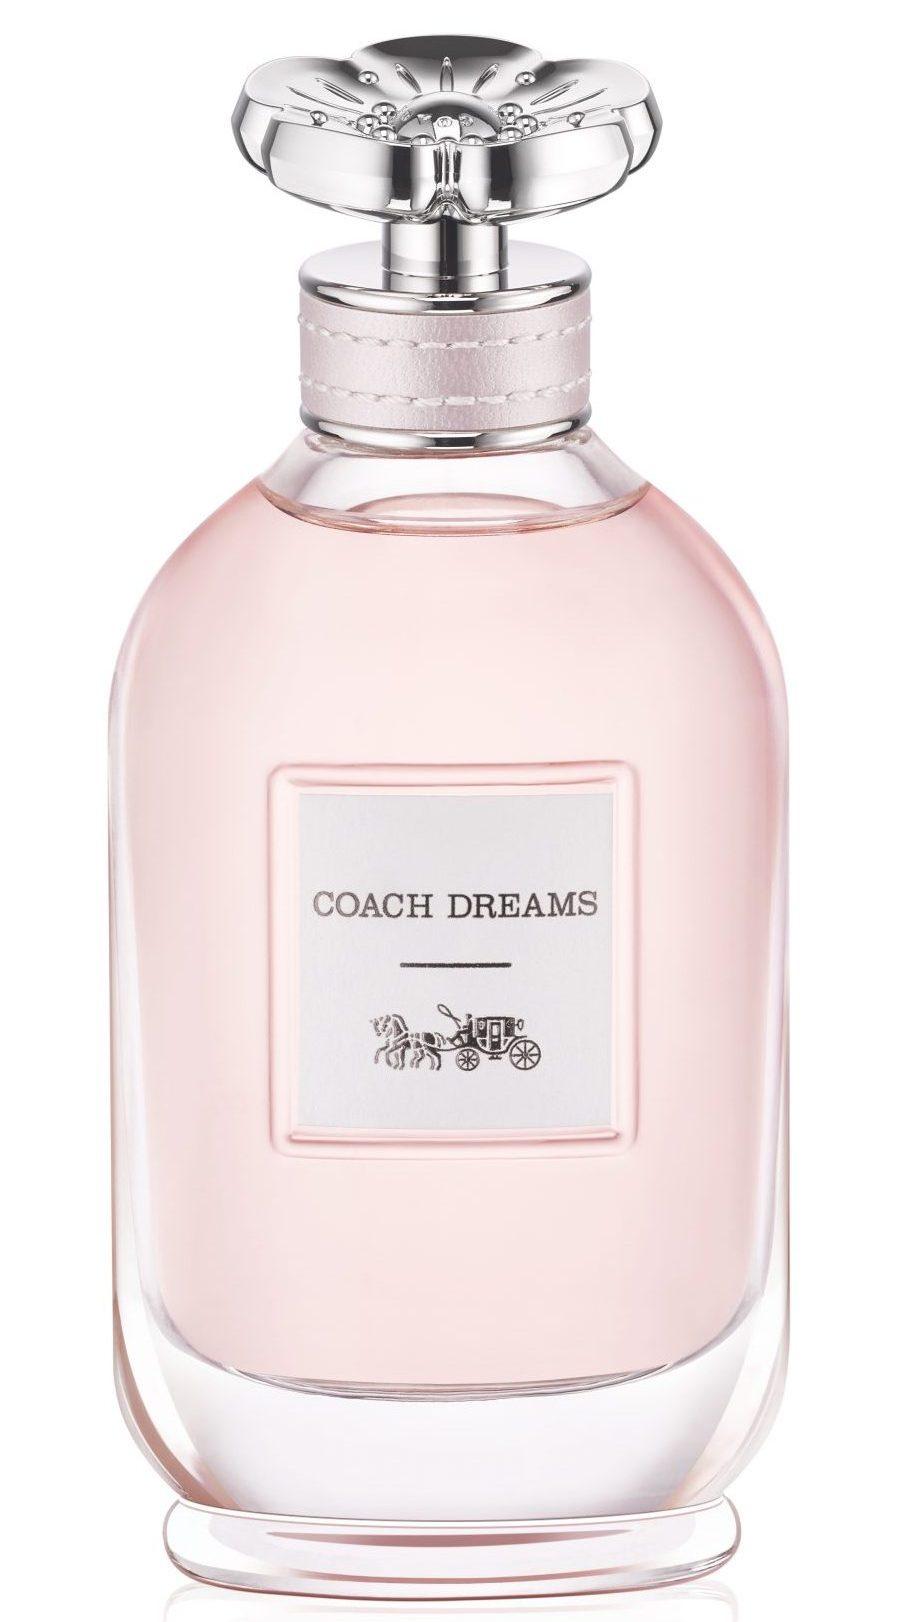 COACH_DREAMS